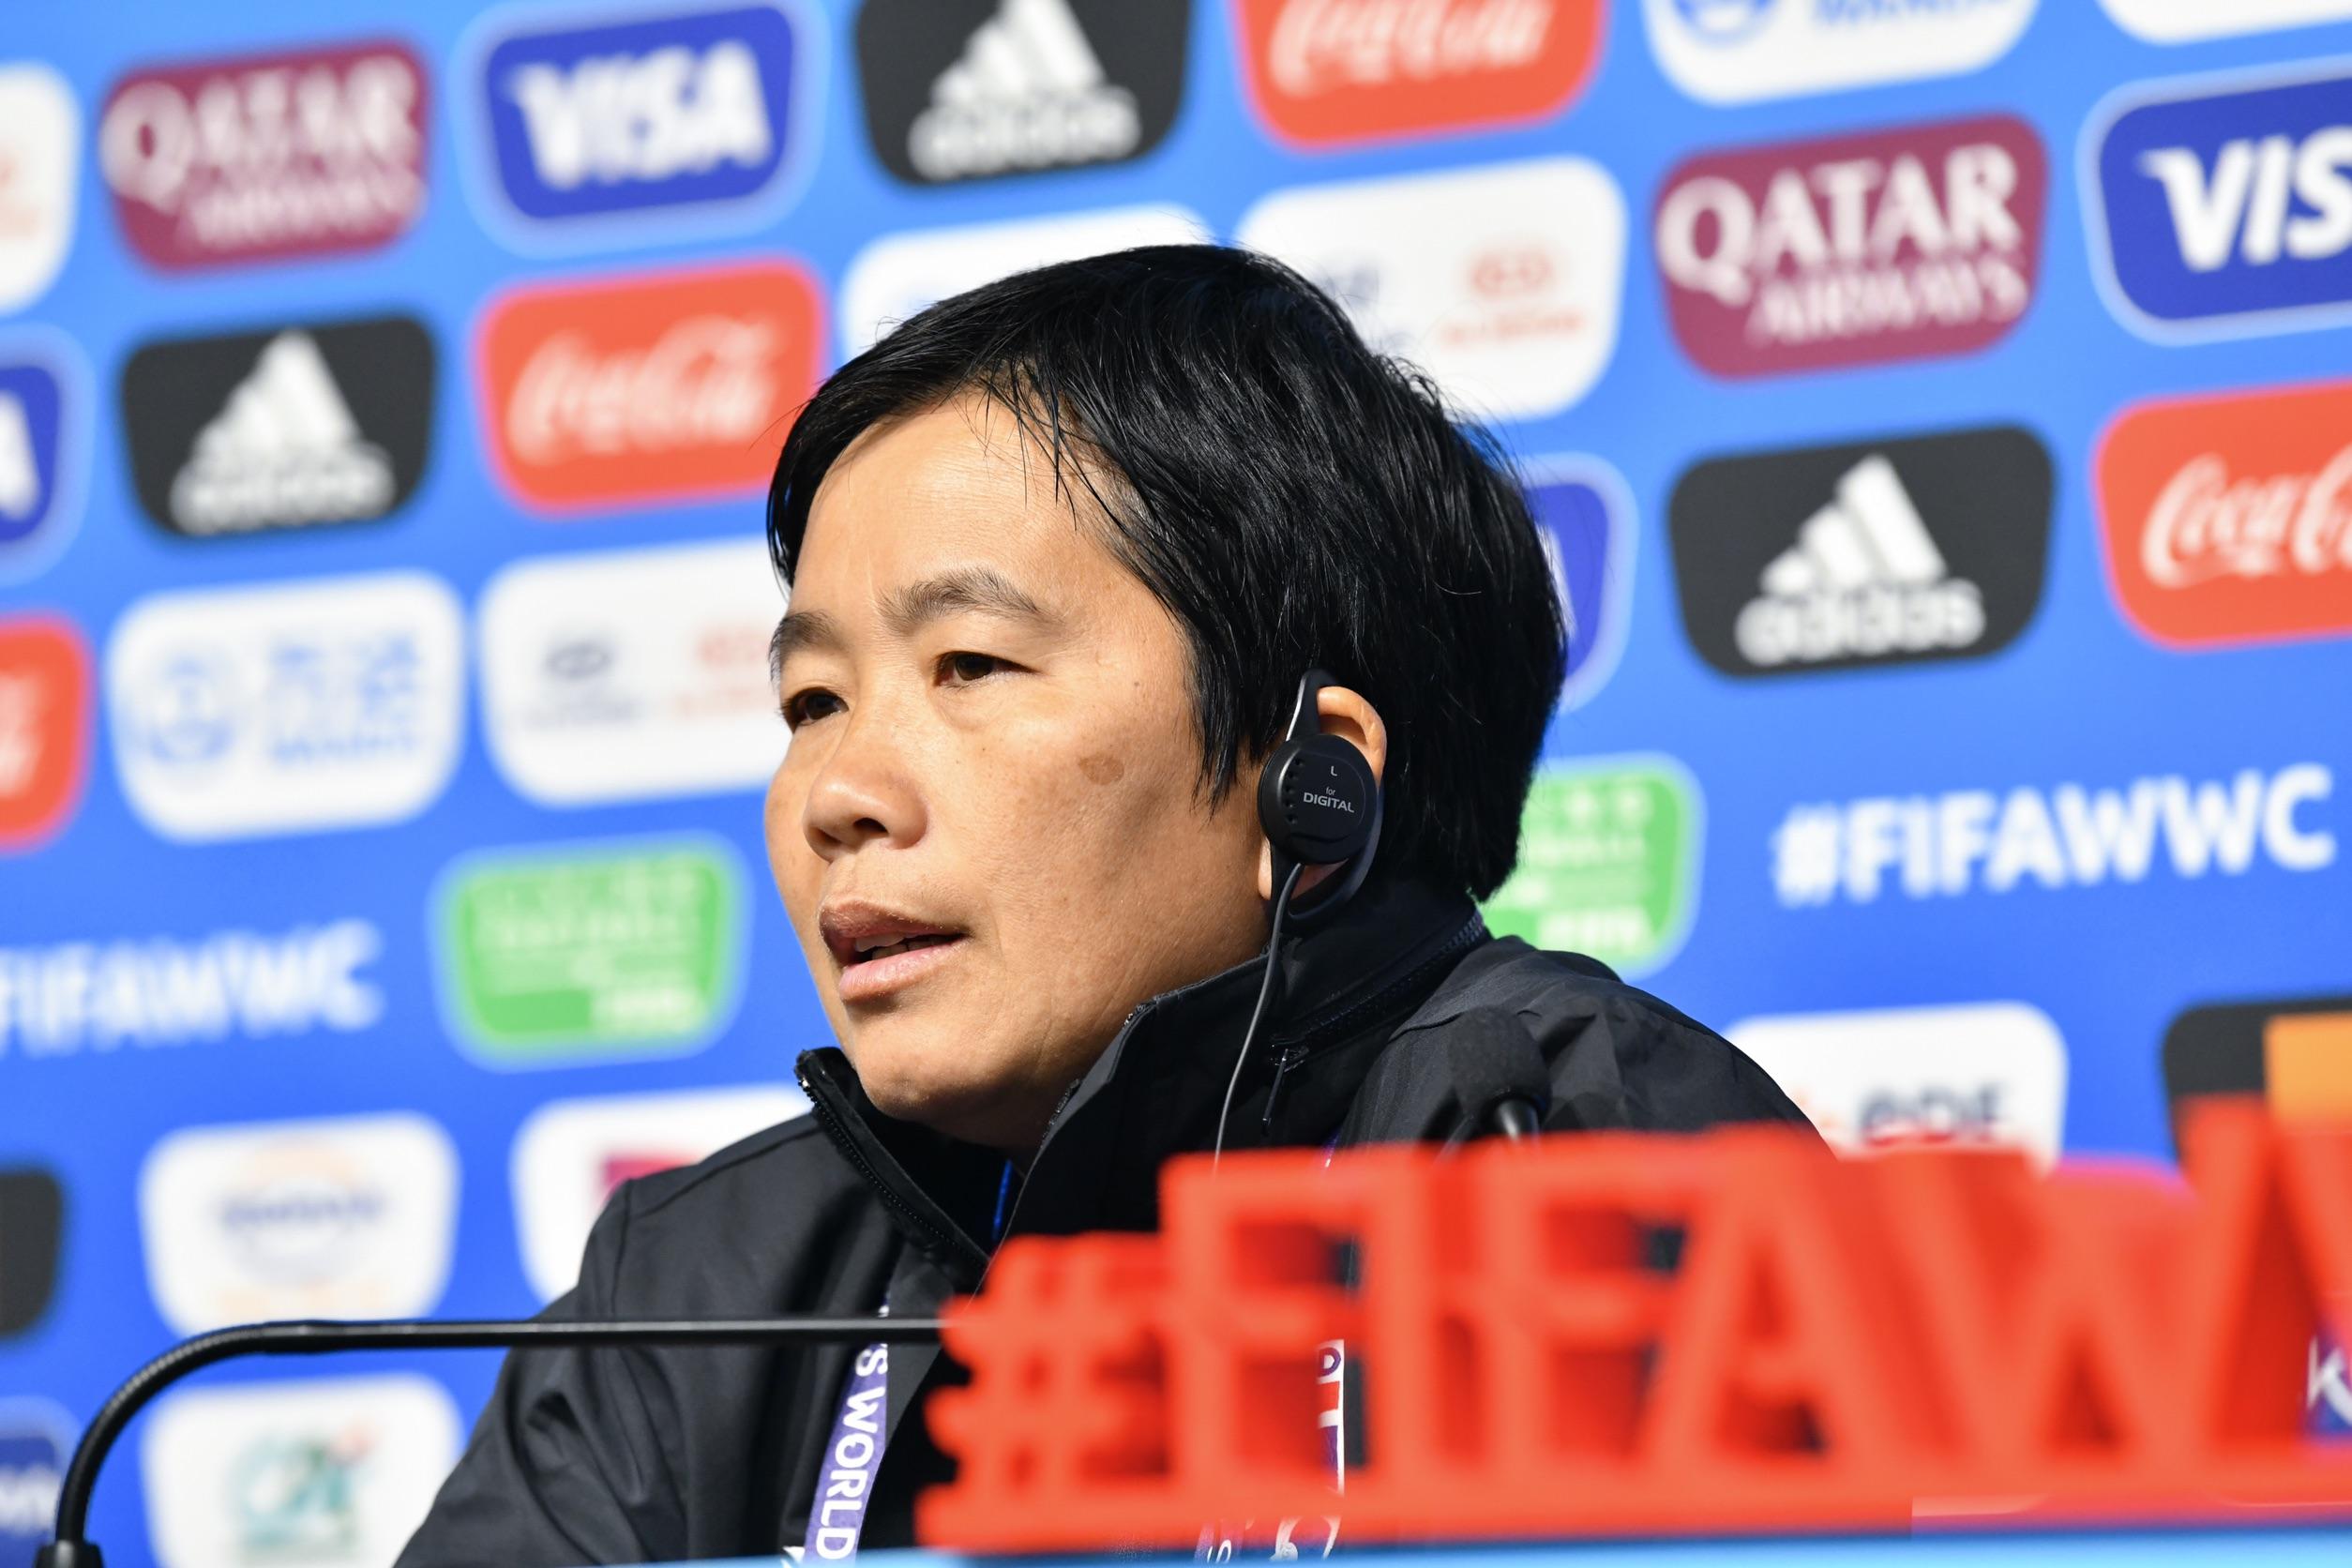 ฟุตบอลหญิงทีมชาติไทย ฟุตบอลโลกหญิง 2019 หนึ่งฤทัย สระทองเวียน อินทร์อร พันธุ์ชา